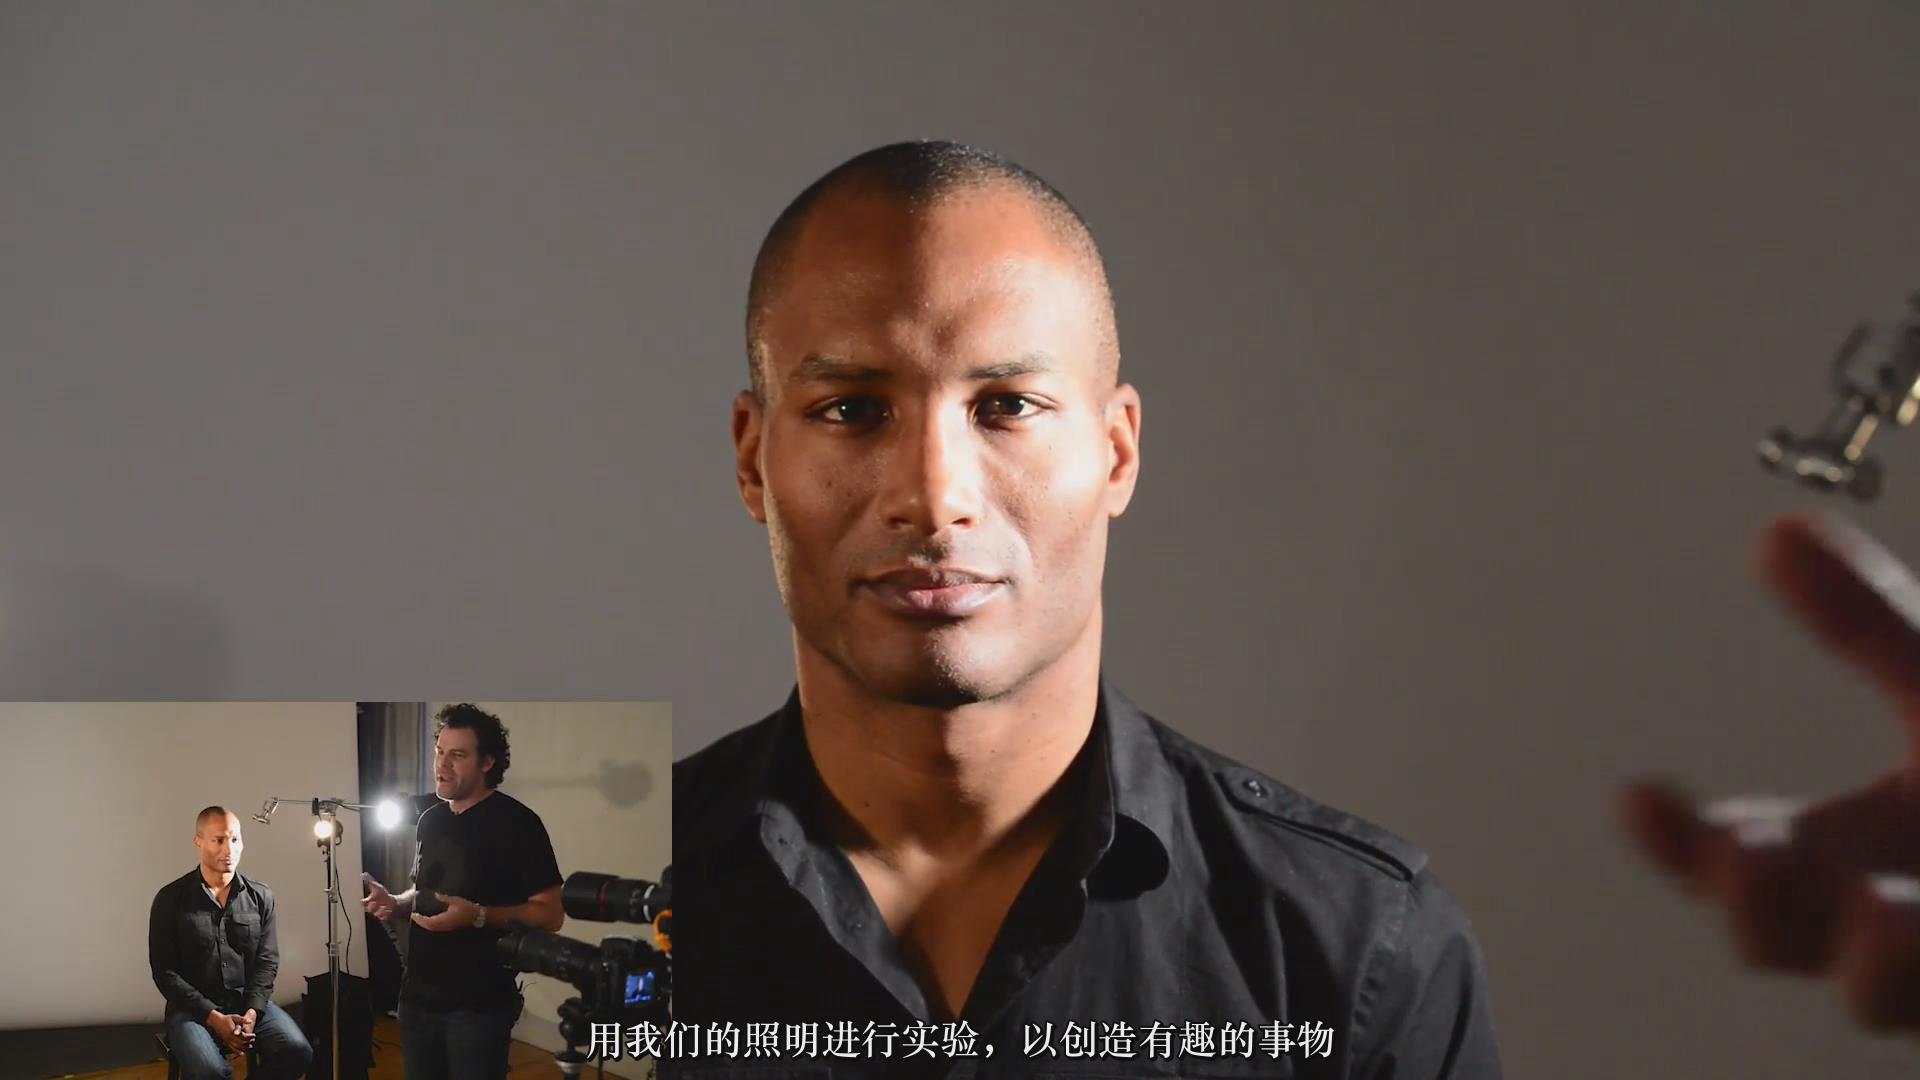 摄影教程_Fstoppers-彼得·赫利(Peter Hurley)完美头像人像面部布光教程-中文字幕 摄影教程 _预览图11